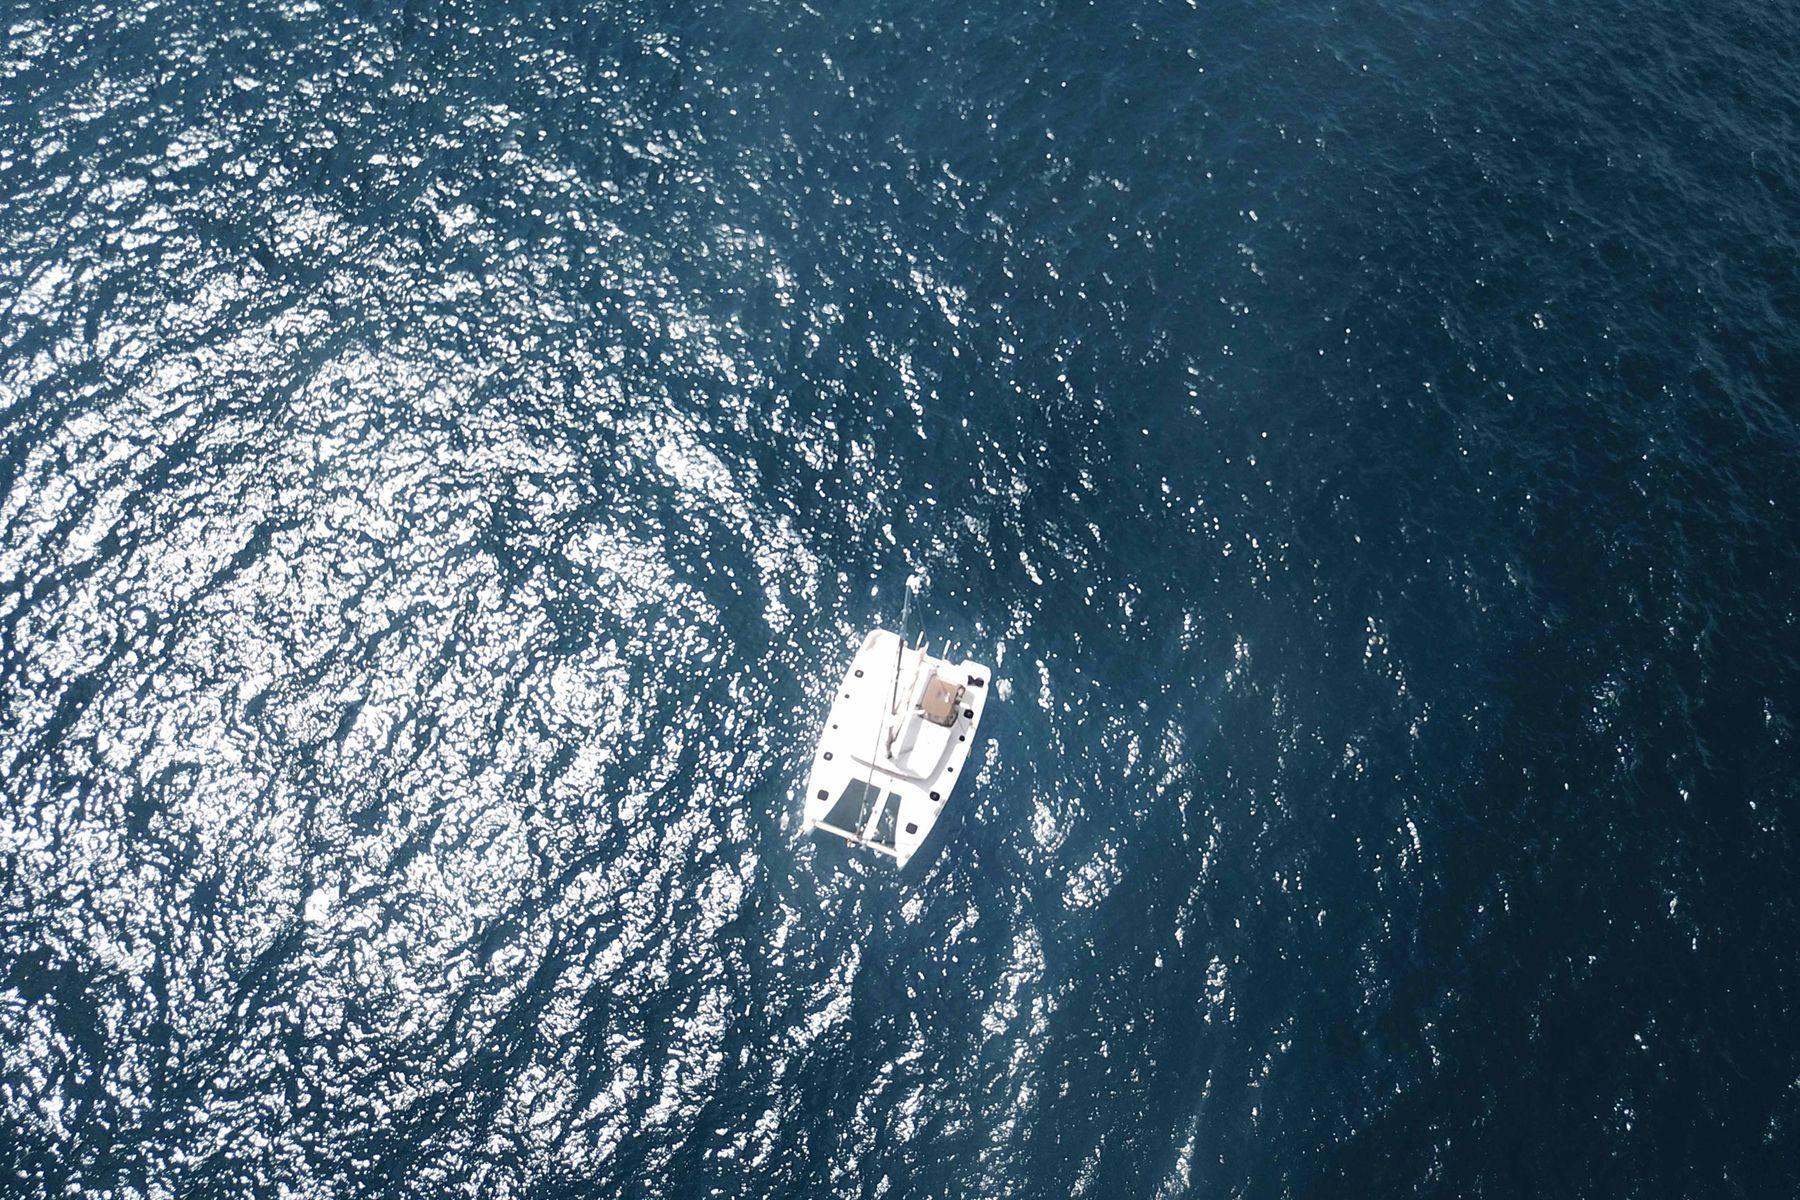 ダンダダ・フェニックス カタマランヨット・クルーザー航空からの写真(ドローン写真)